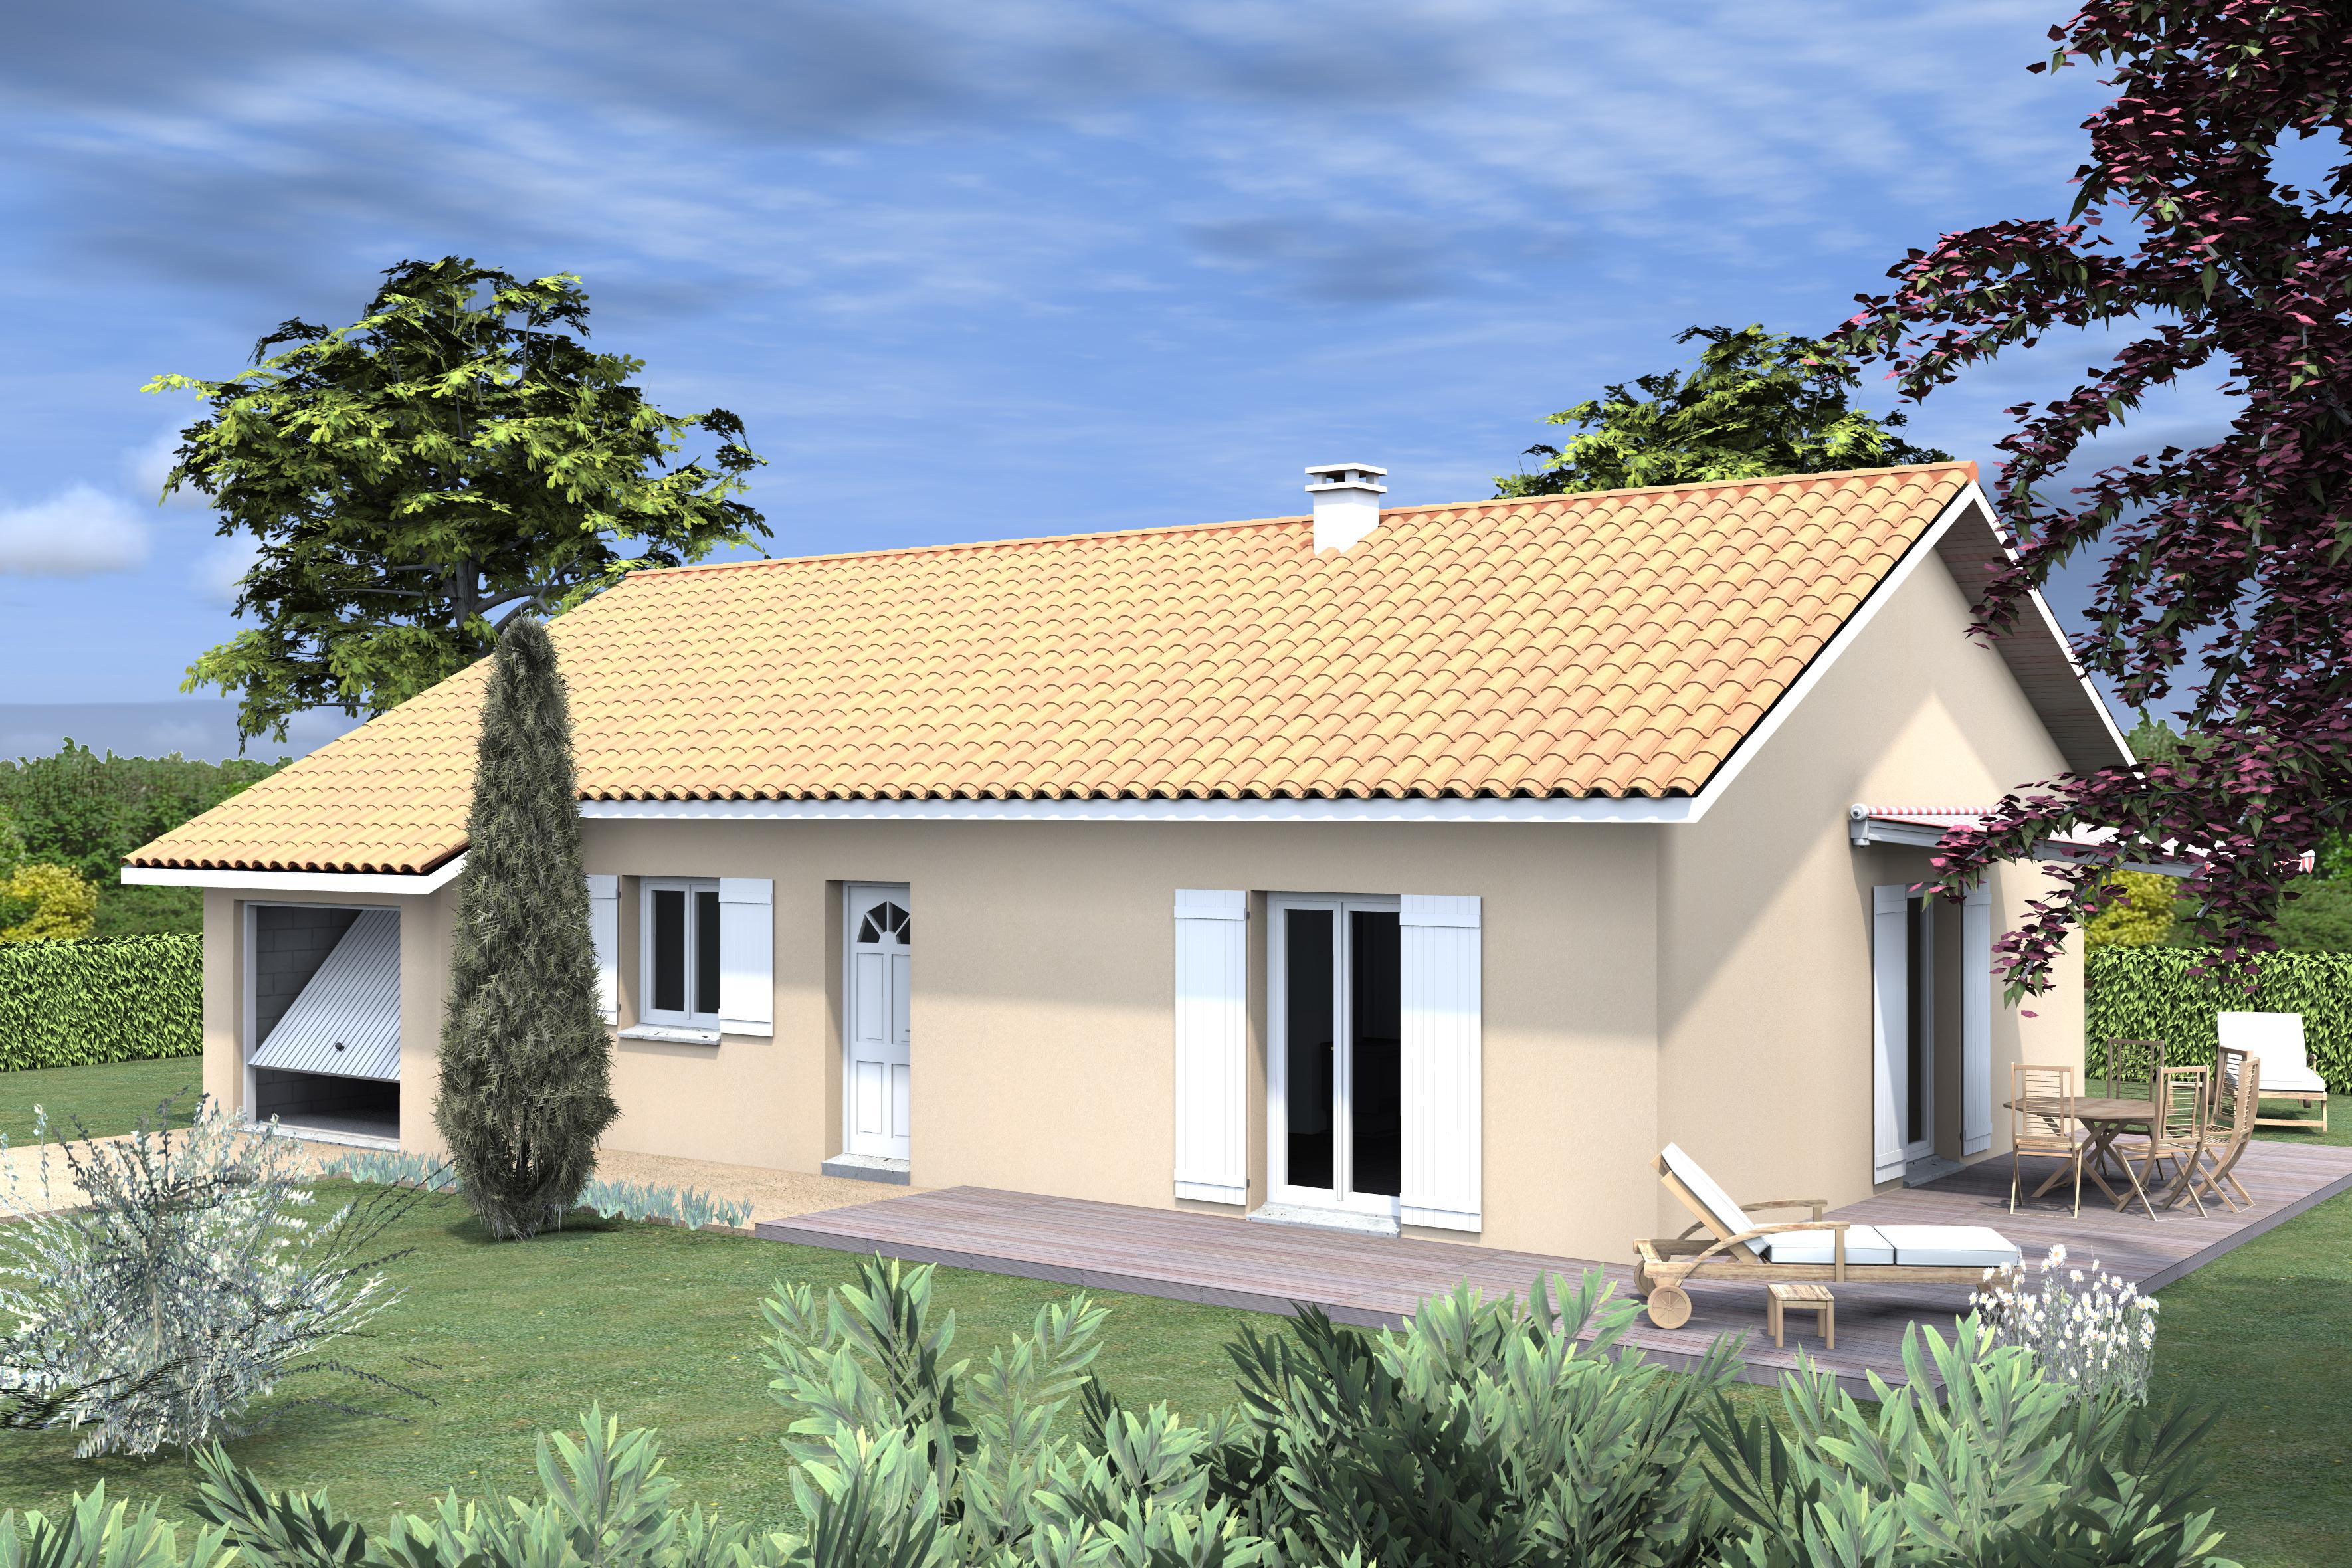 Maisons + Terrains du constructeur LVA LES VOIRONELLES • 93 m² • VOIRON